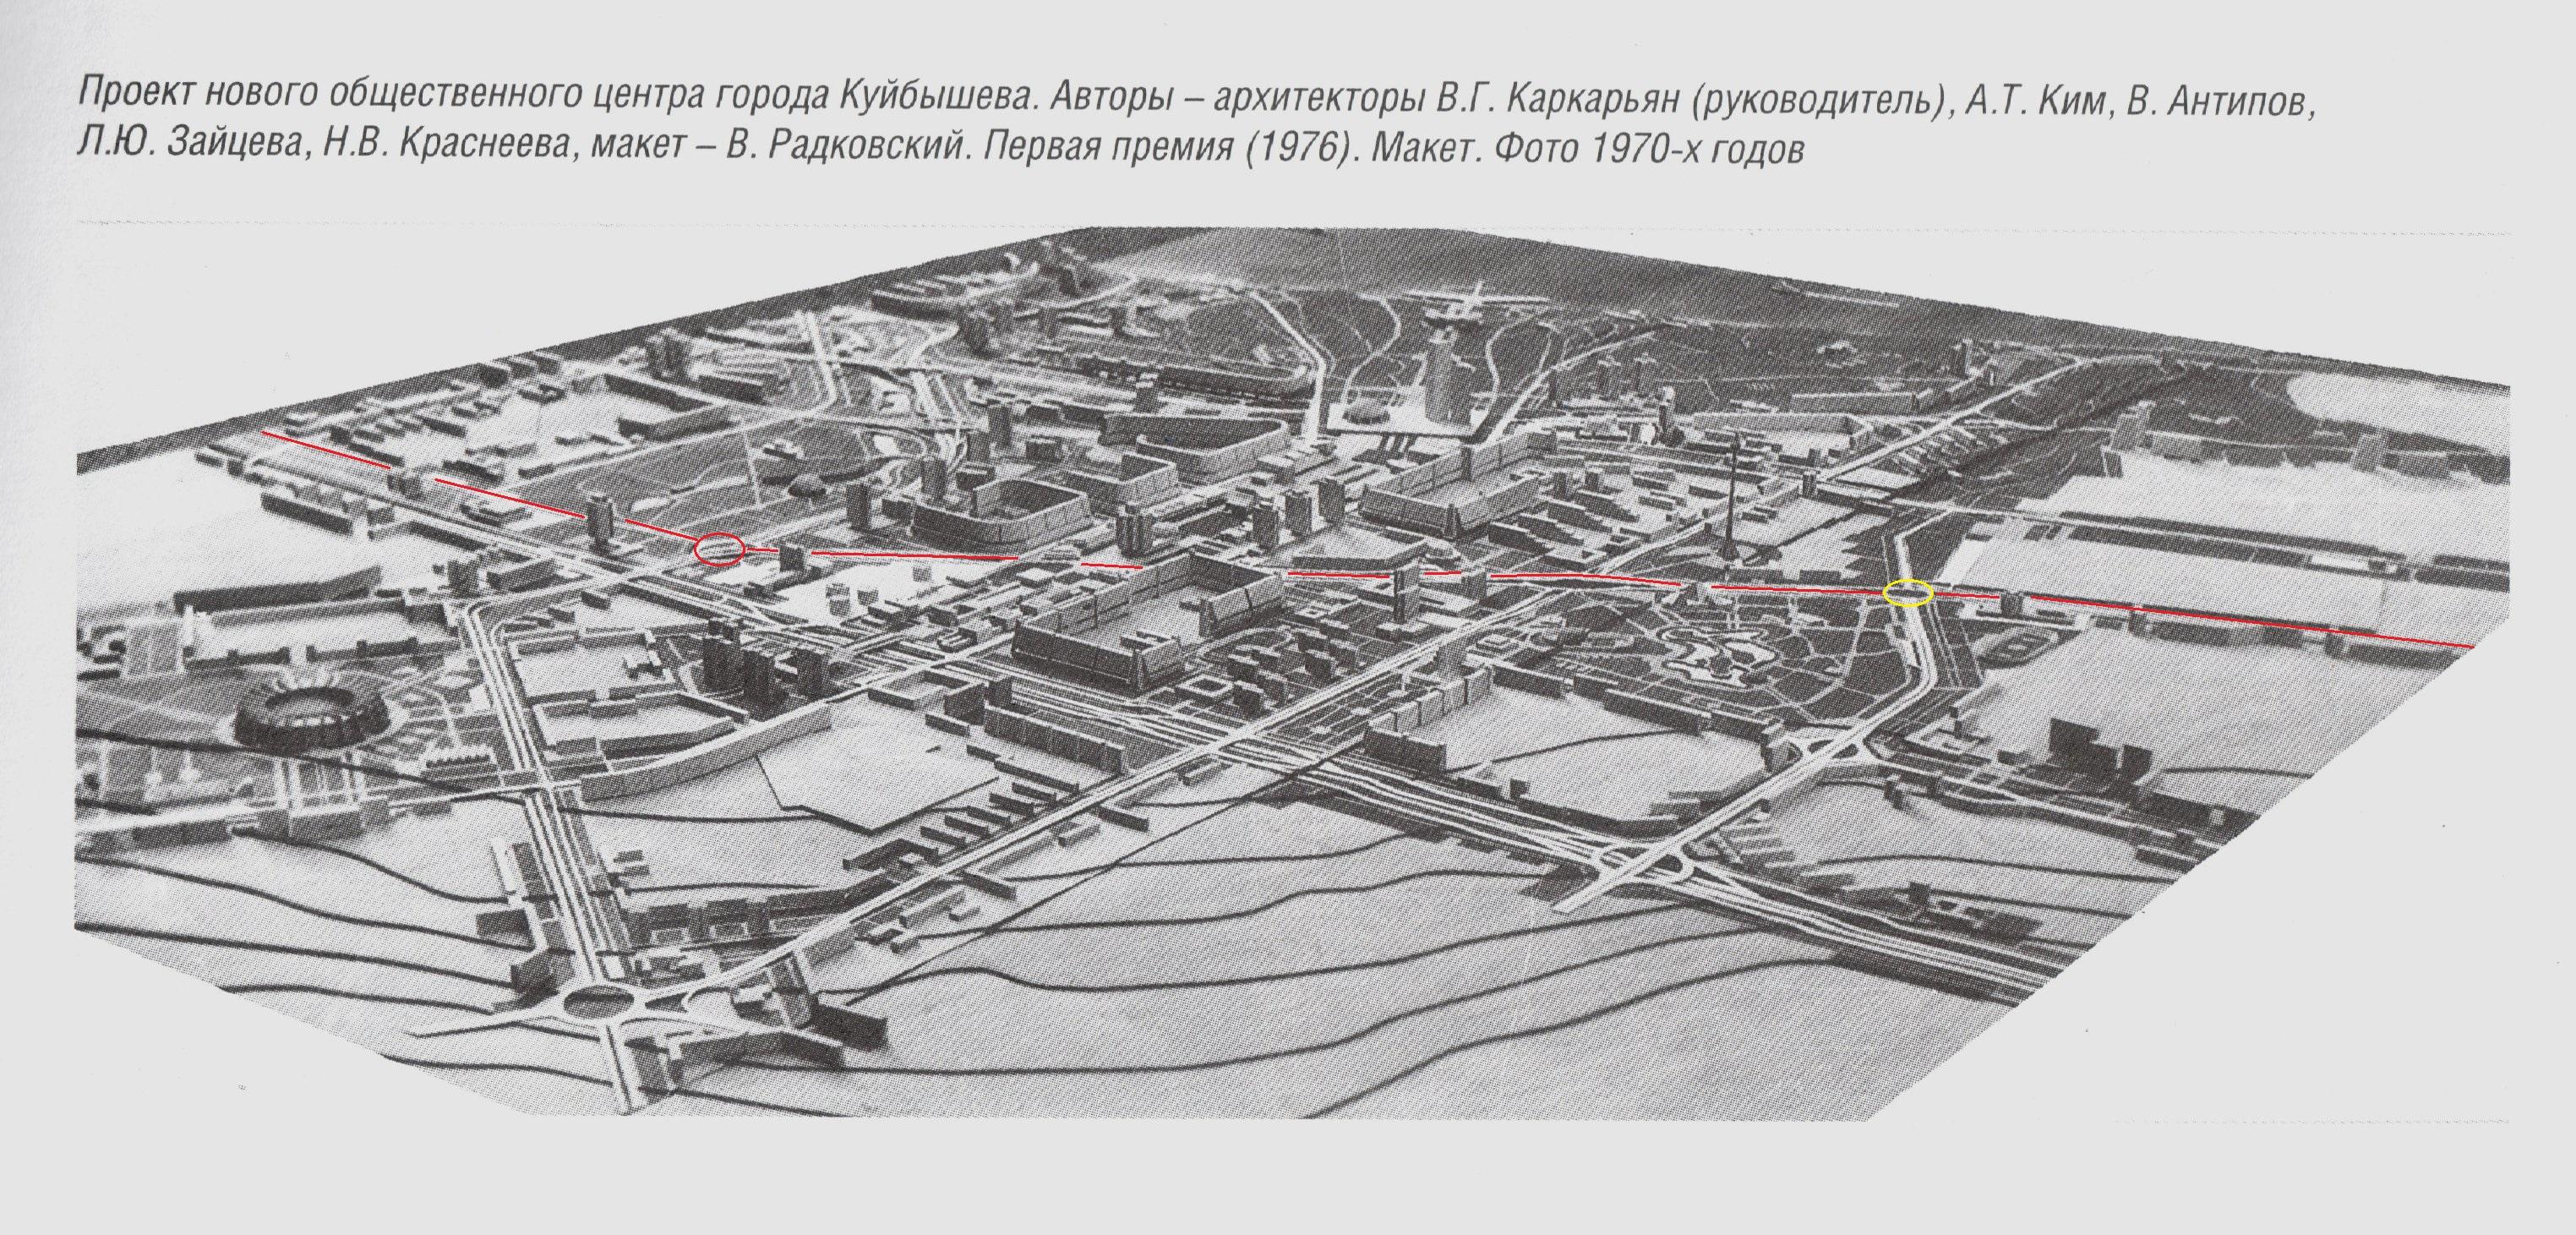 Проект нового общественного центра Куйбышева. 1976 год